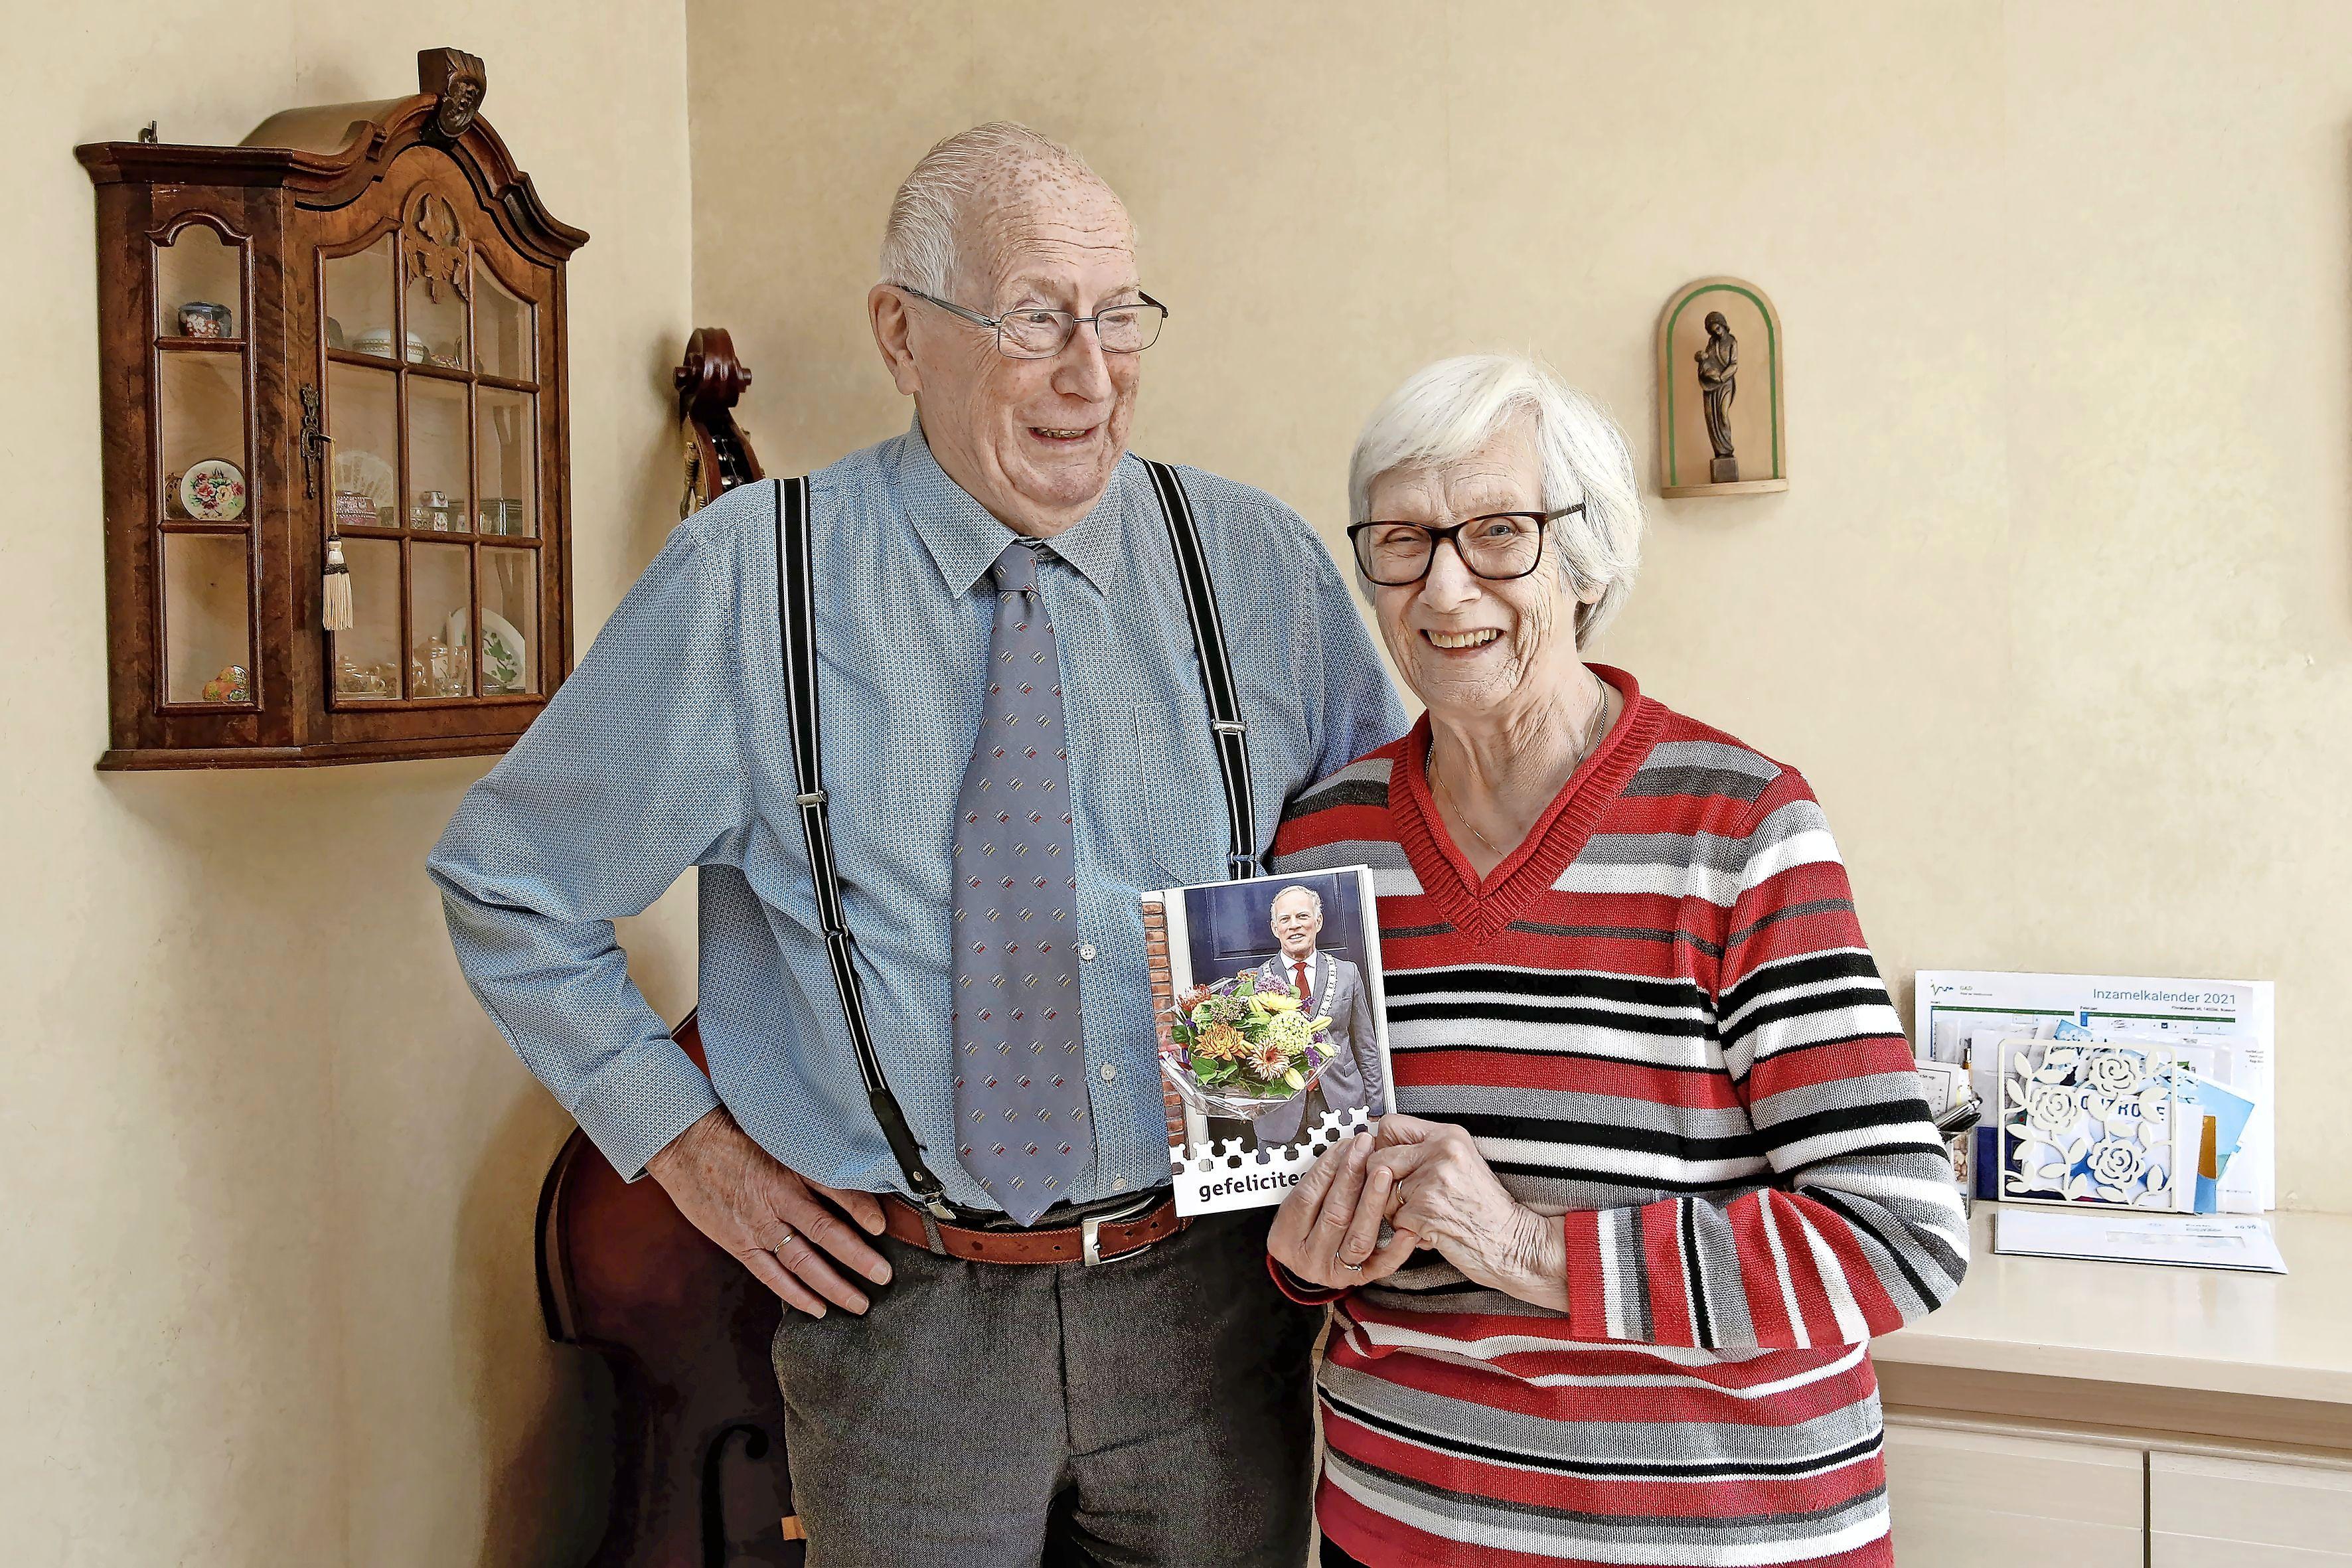 Thea (83) en Herman (87) Blaas uit Bussum zijn al zestig jaar aan elkaar verknocht: 'Zij is mijn lief, we zijn uit één stuk. Hopelijk blijft dat nog lang zo'